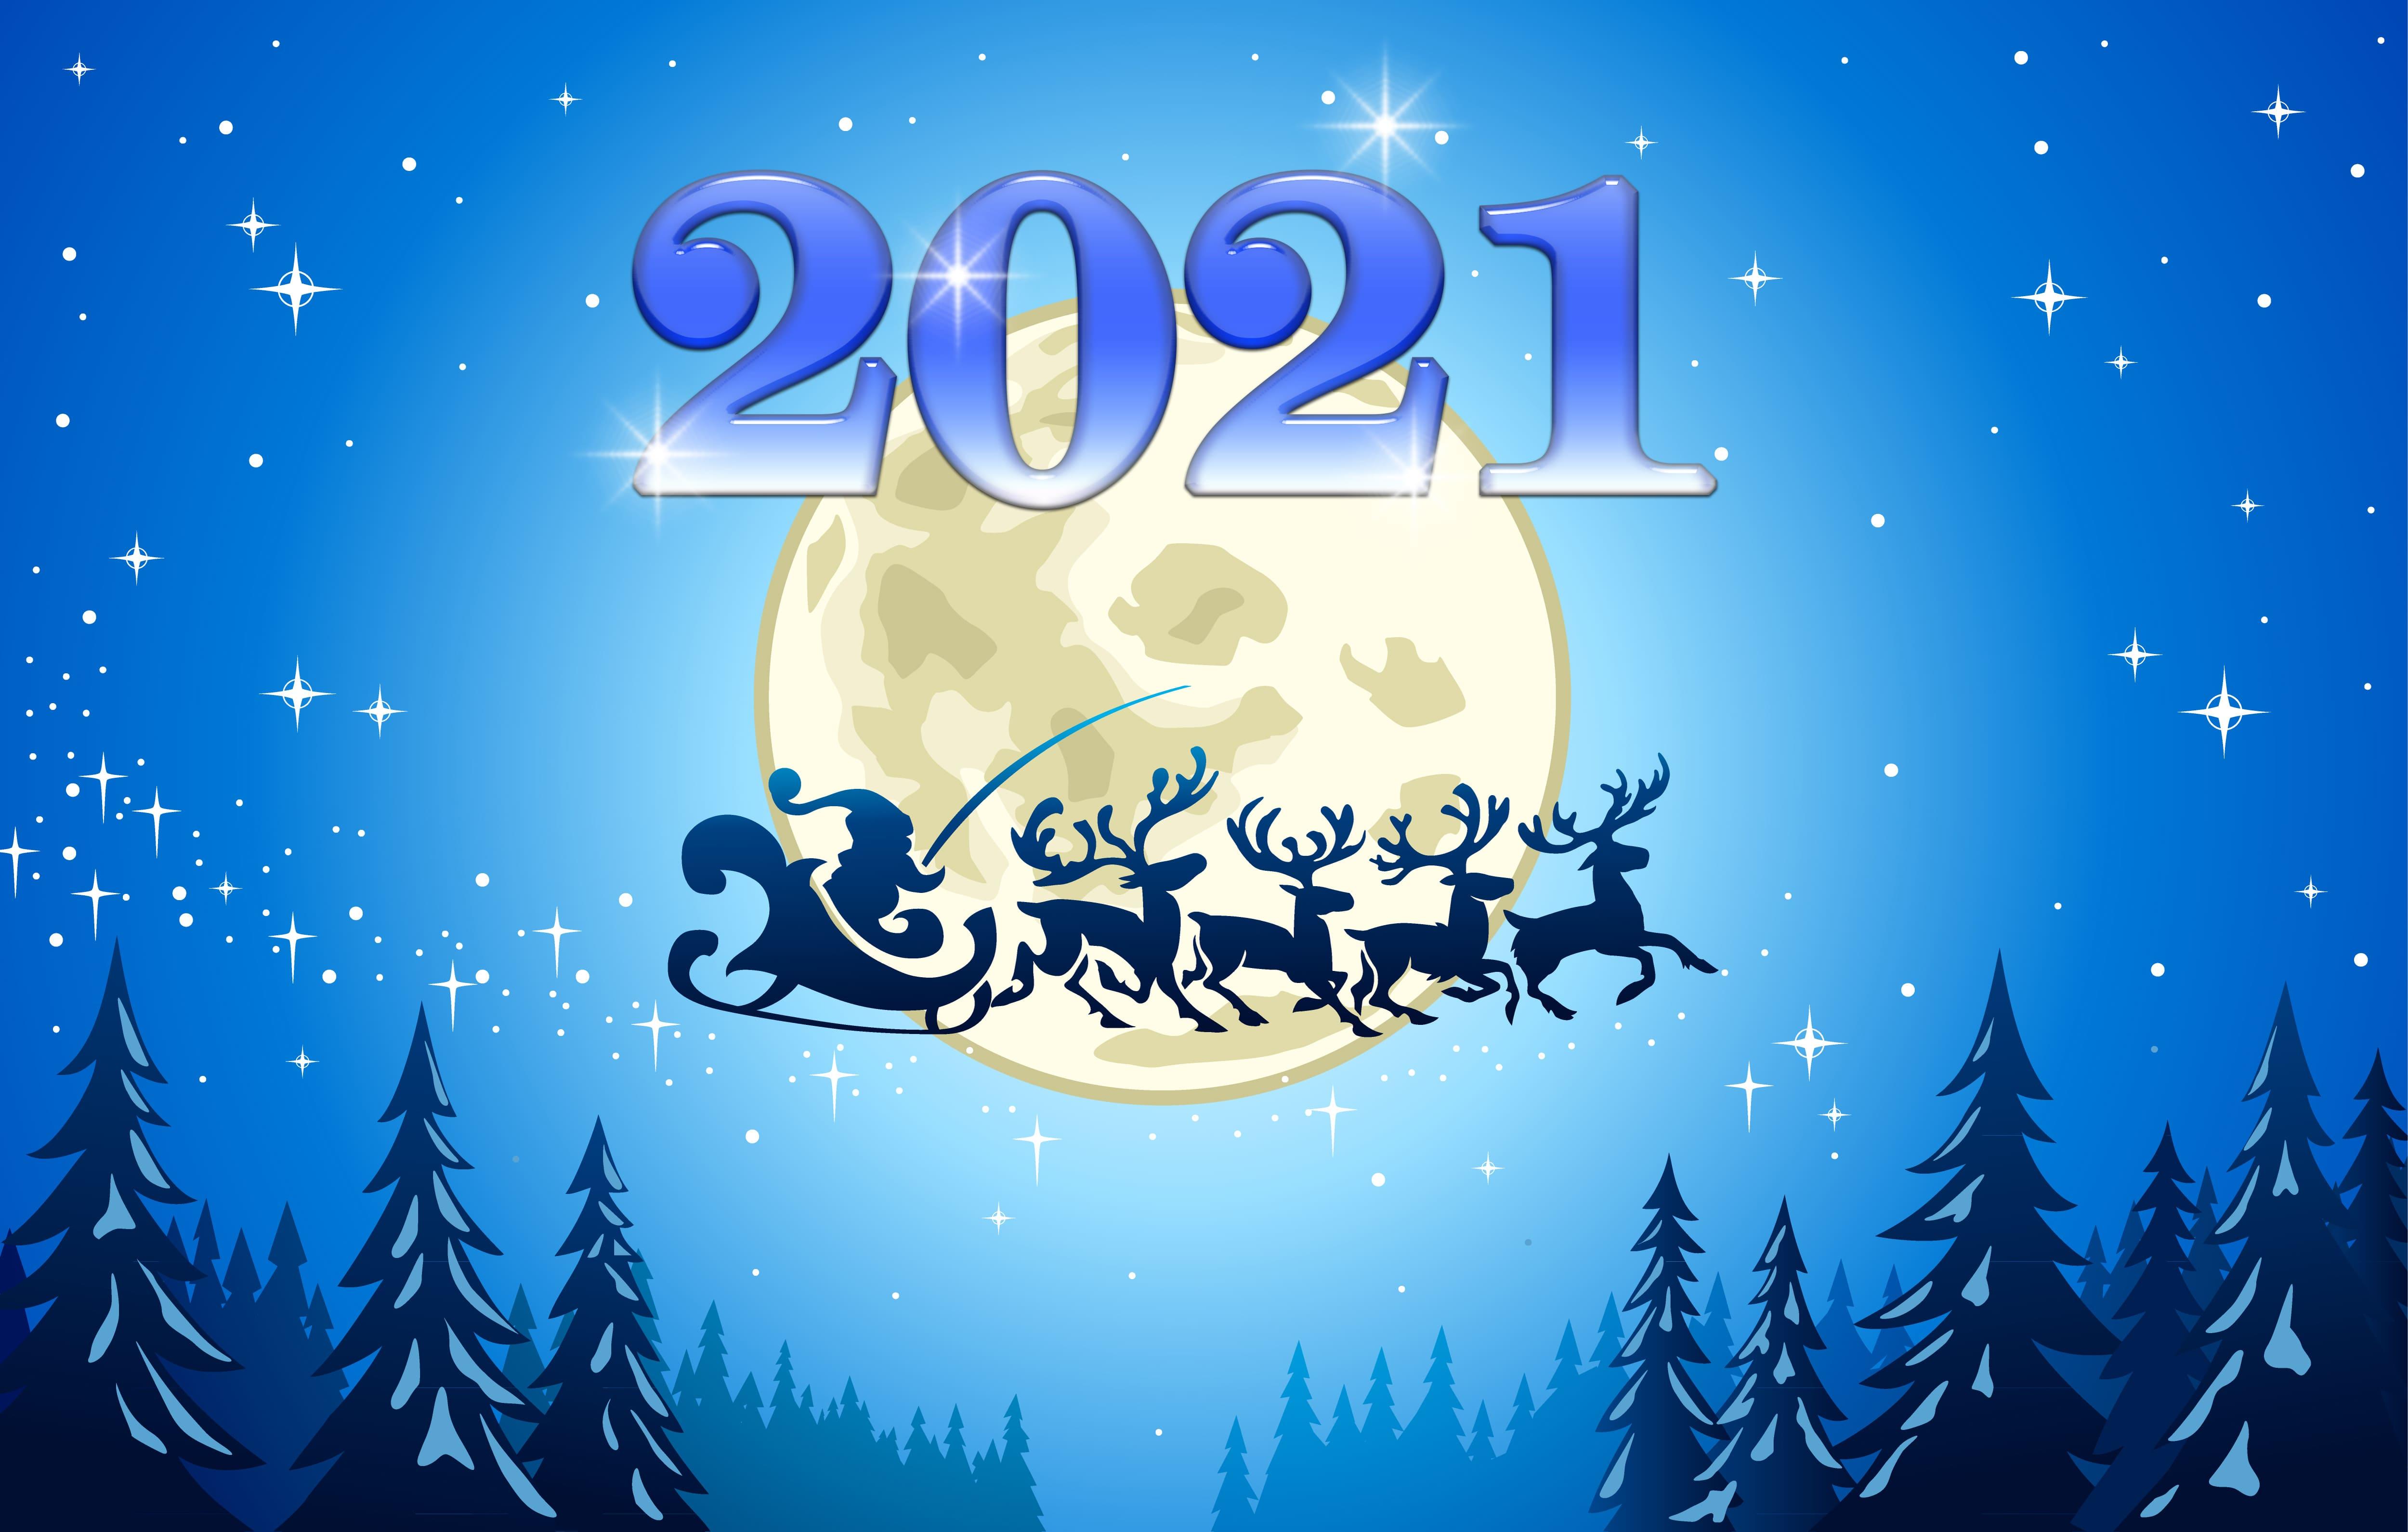 HDoboi.Kiev.ua - Санта Клаус, олени в небе, обои на телефон зима Новый Год 2021